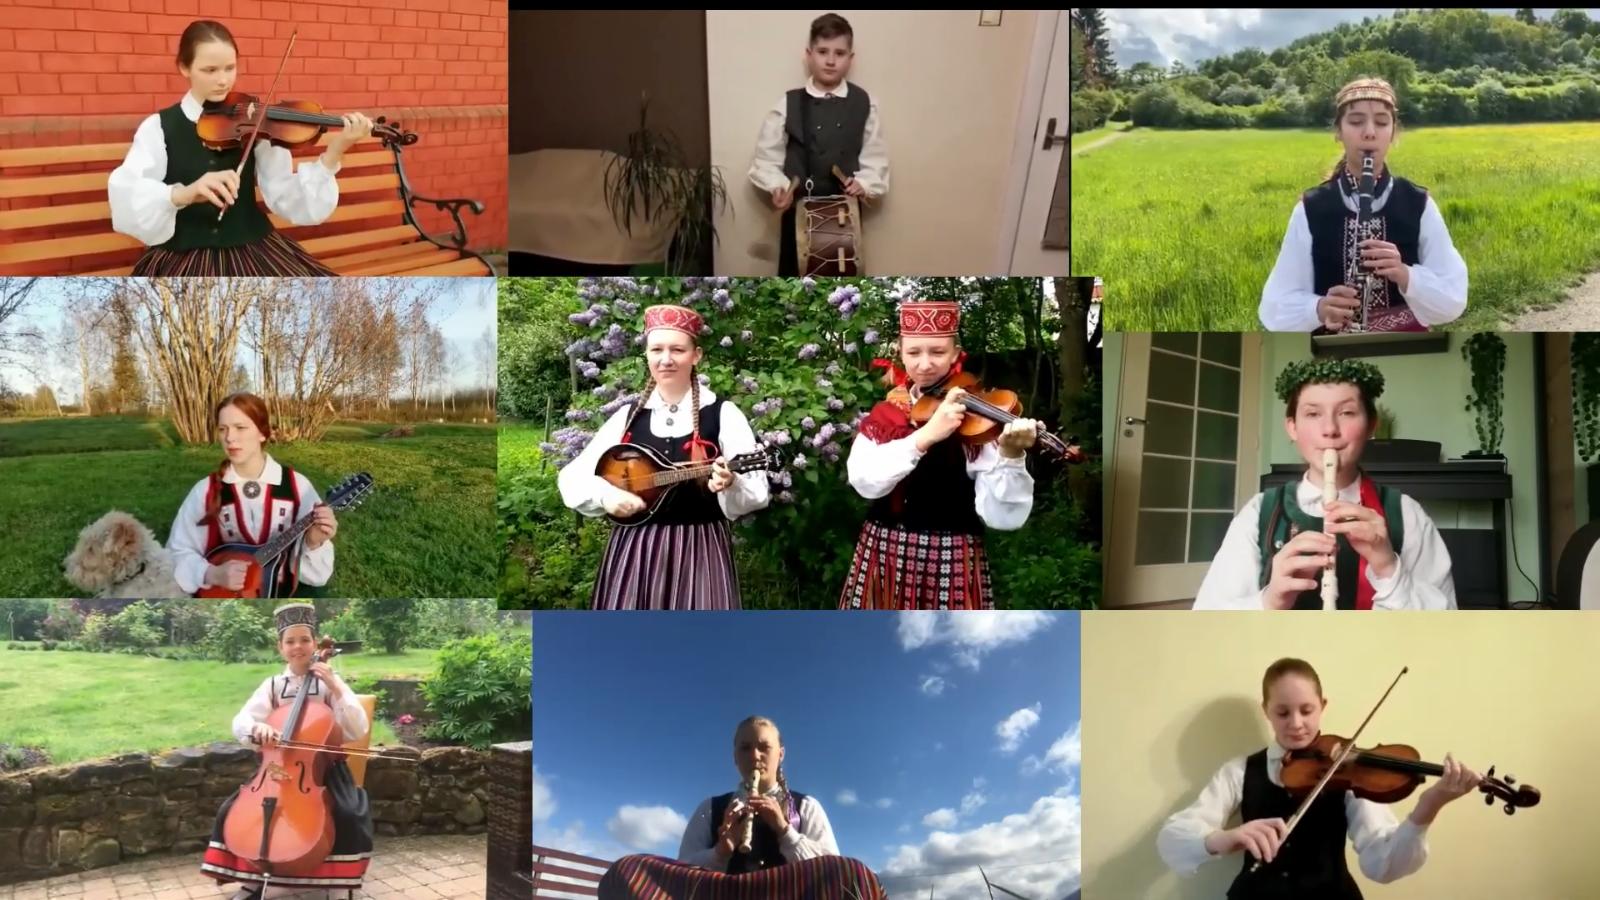 Dienas prieks: Meistaru dziesma Liepājas un Luksemburgas koru izpildījumā